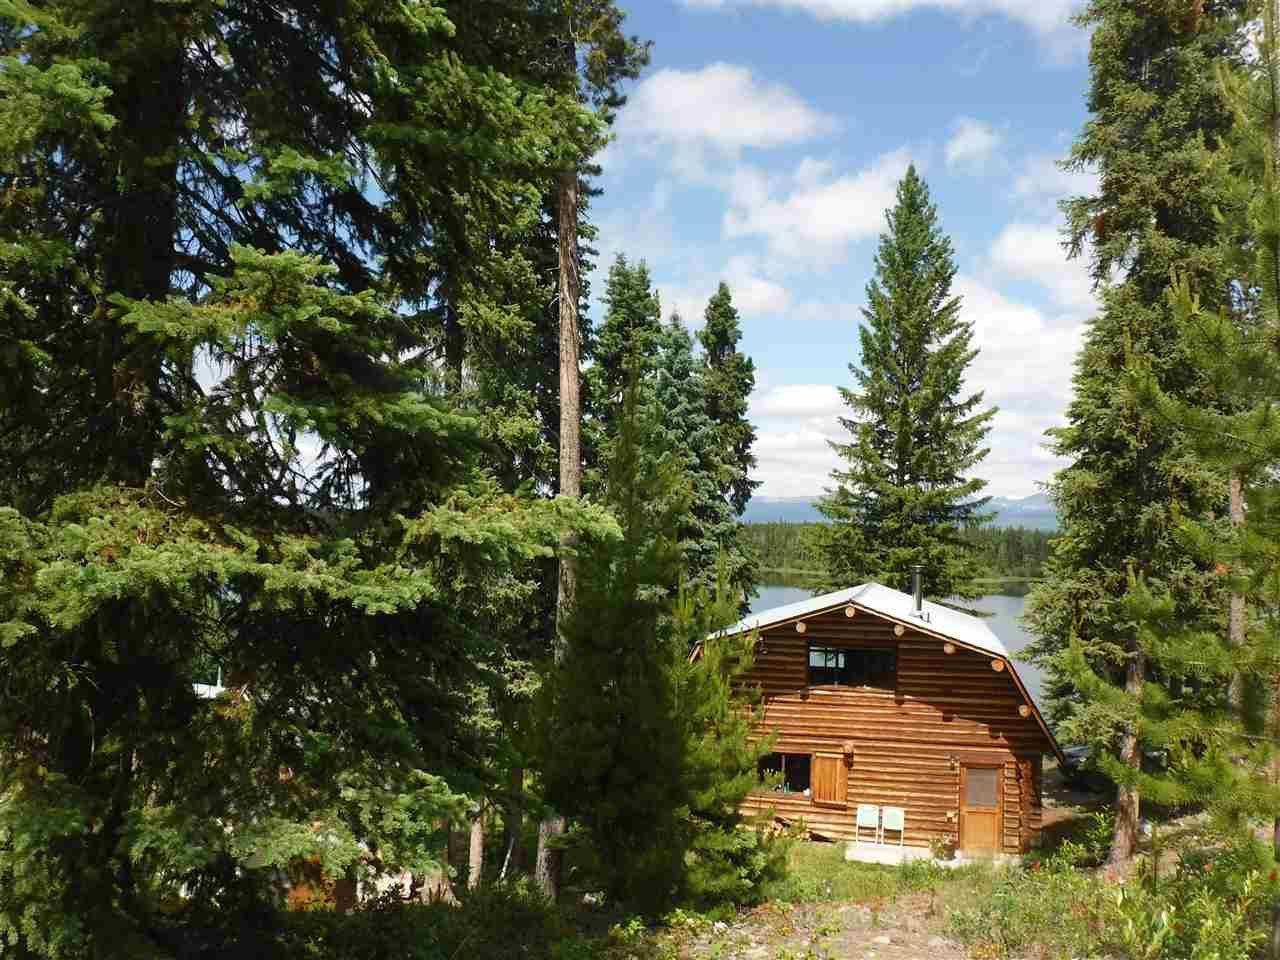 Main Photo: 3056 ELSEY Road in Williams Lake: Williams Lake - Rural West House for sale (Williams Lake (Zone 27))  : MLS®# R2472269